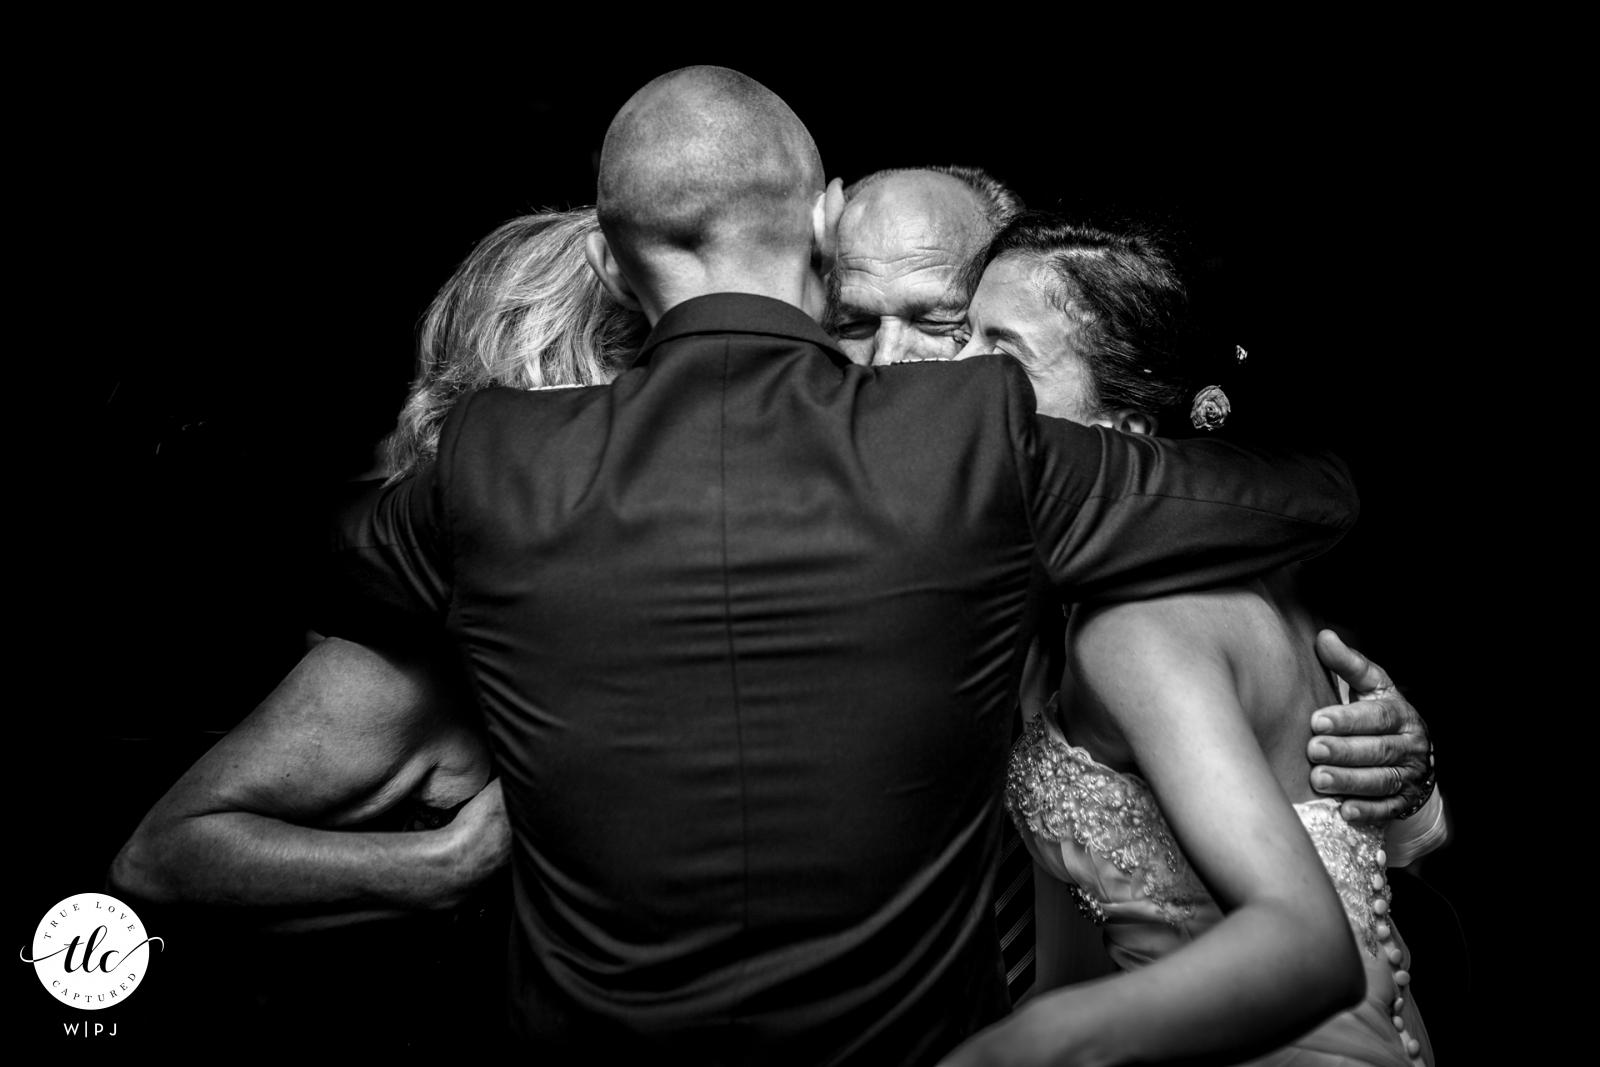 Imagen de la recepción de la boda de Pachino en blanco y negro del amor en Sicilia